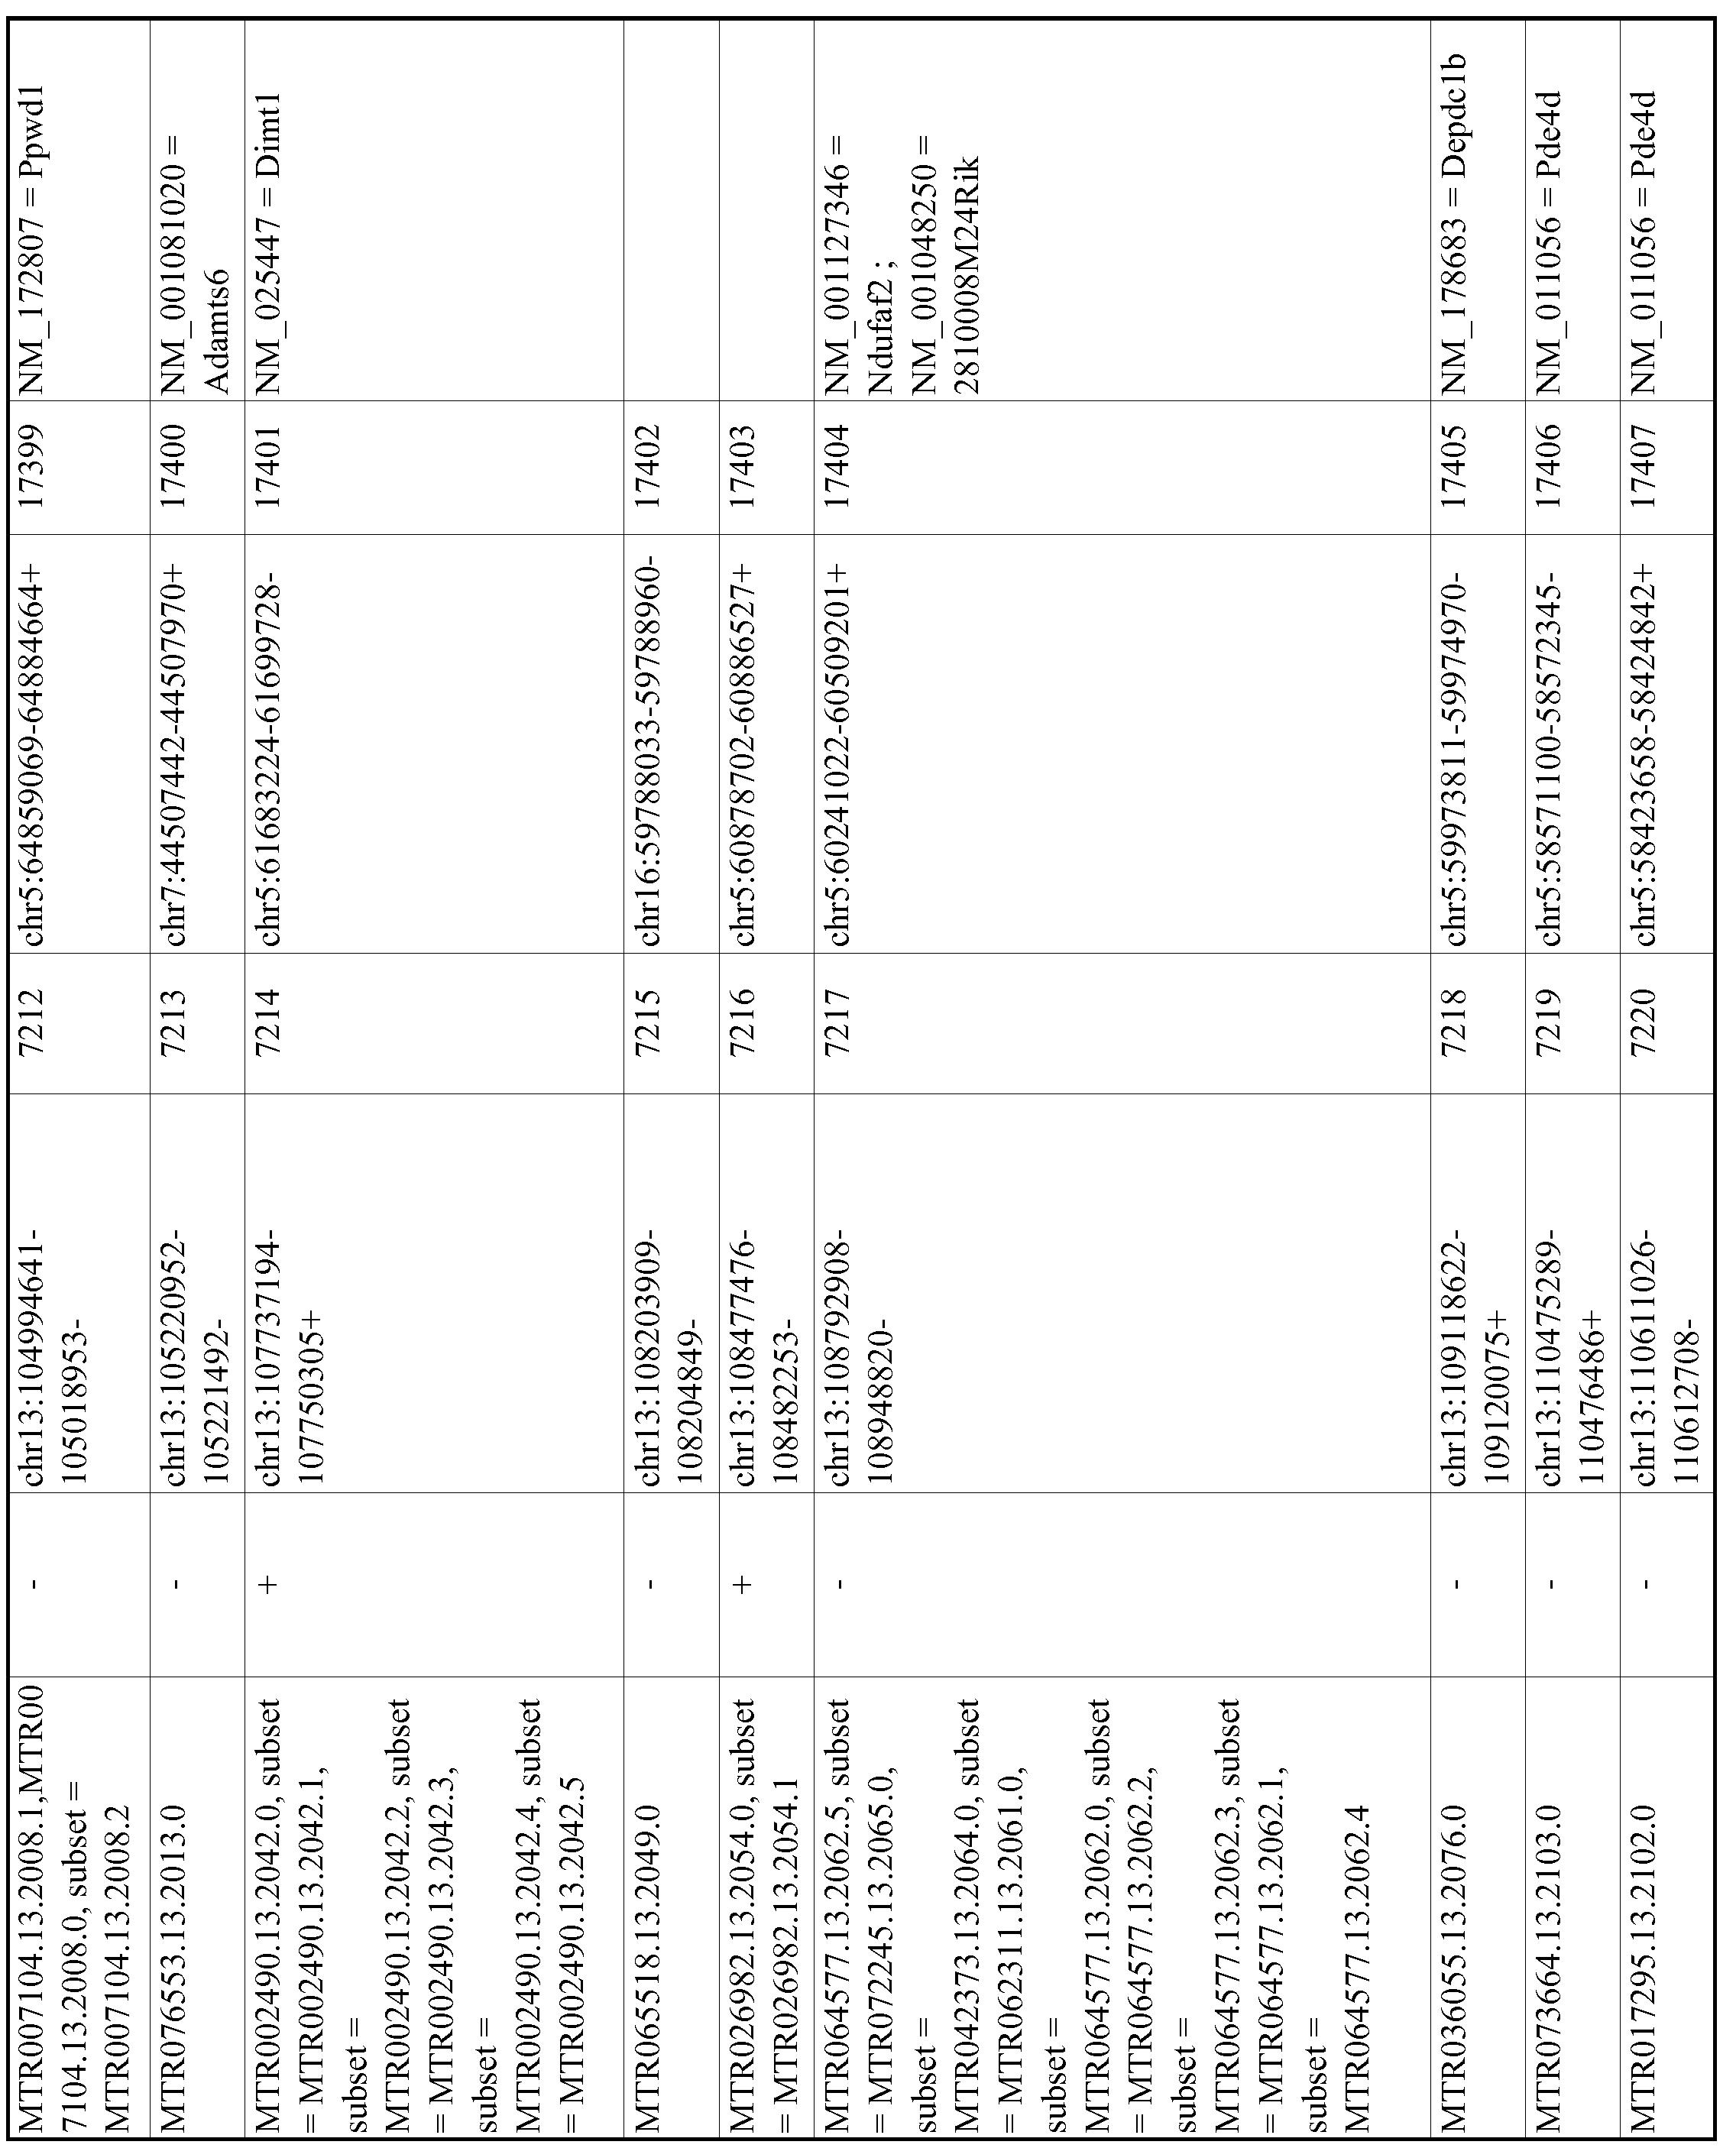 Figure imgf001264_0001